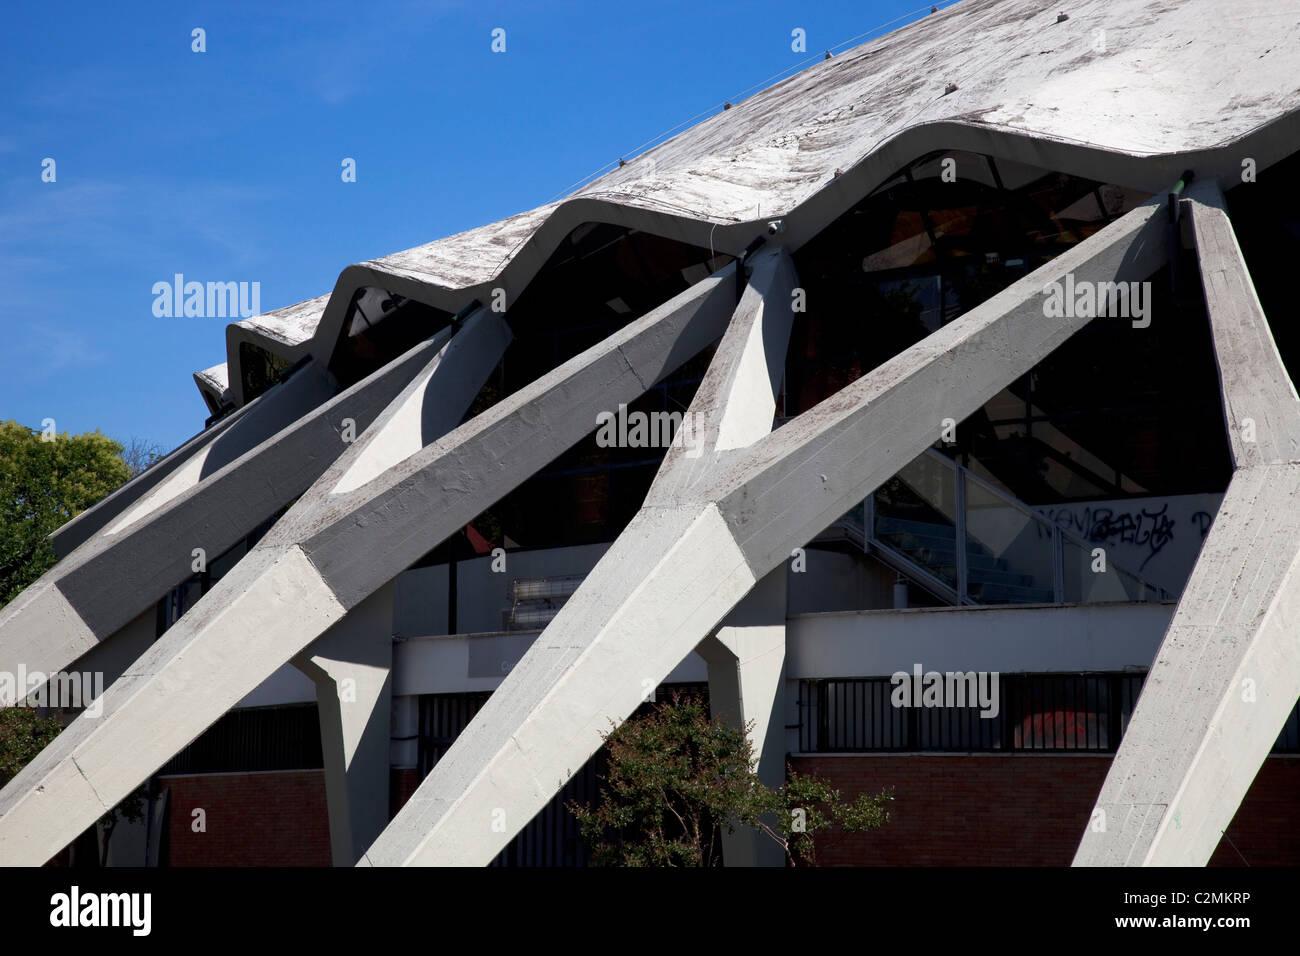 Palazzetto dello Sport, en Roma. Palacio de Deportes, Roma. Detalle de la cúpula de hormigón armado Imagen De Stock